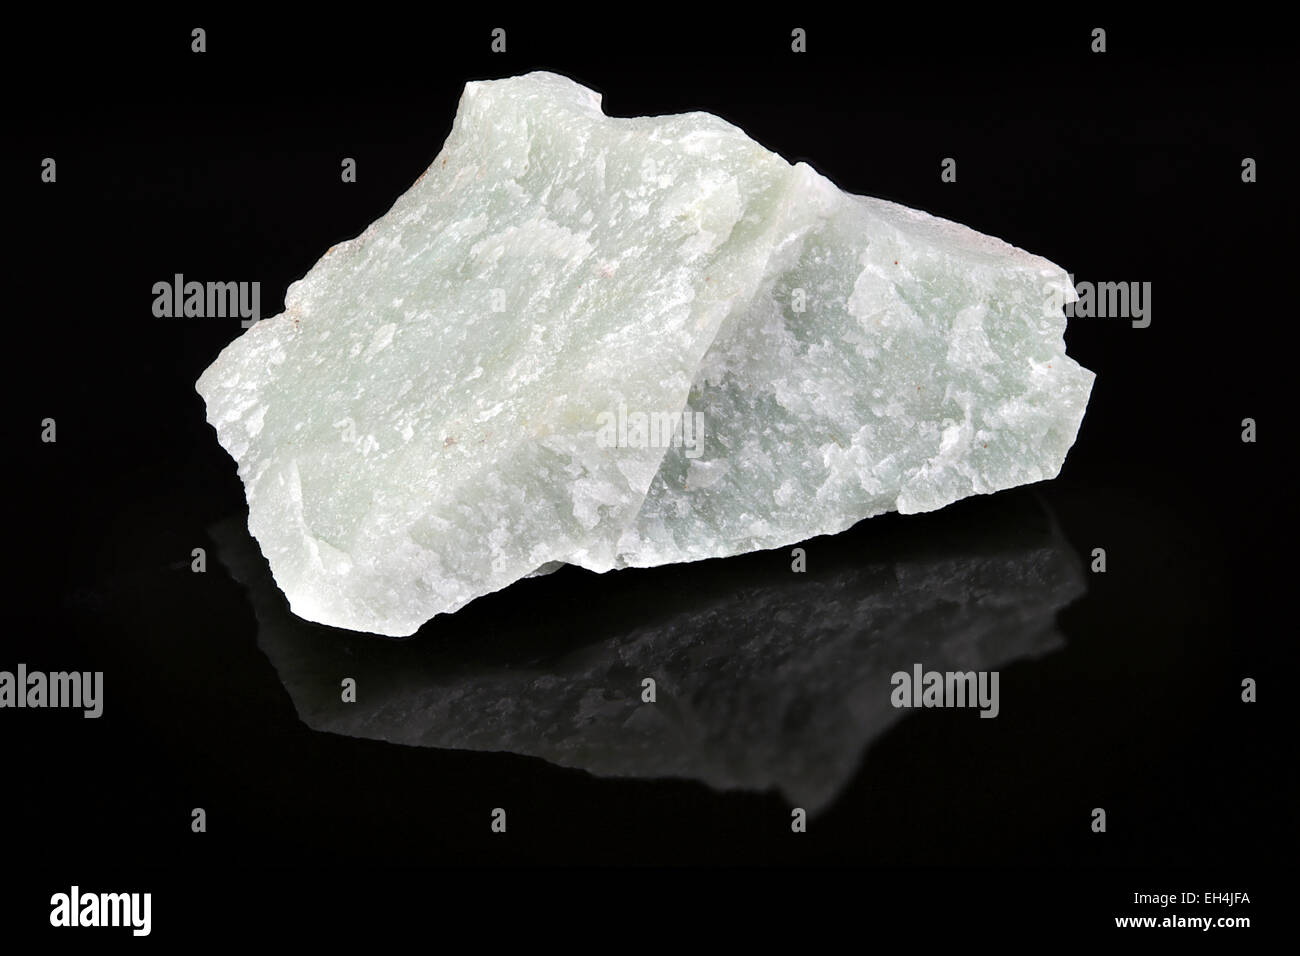 Quartzite rock specimen black background - Stock Image